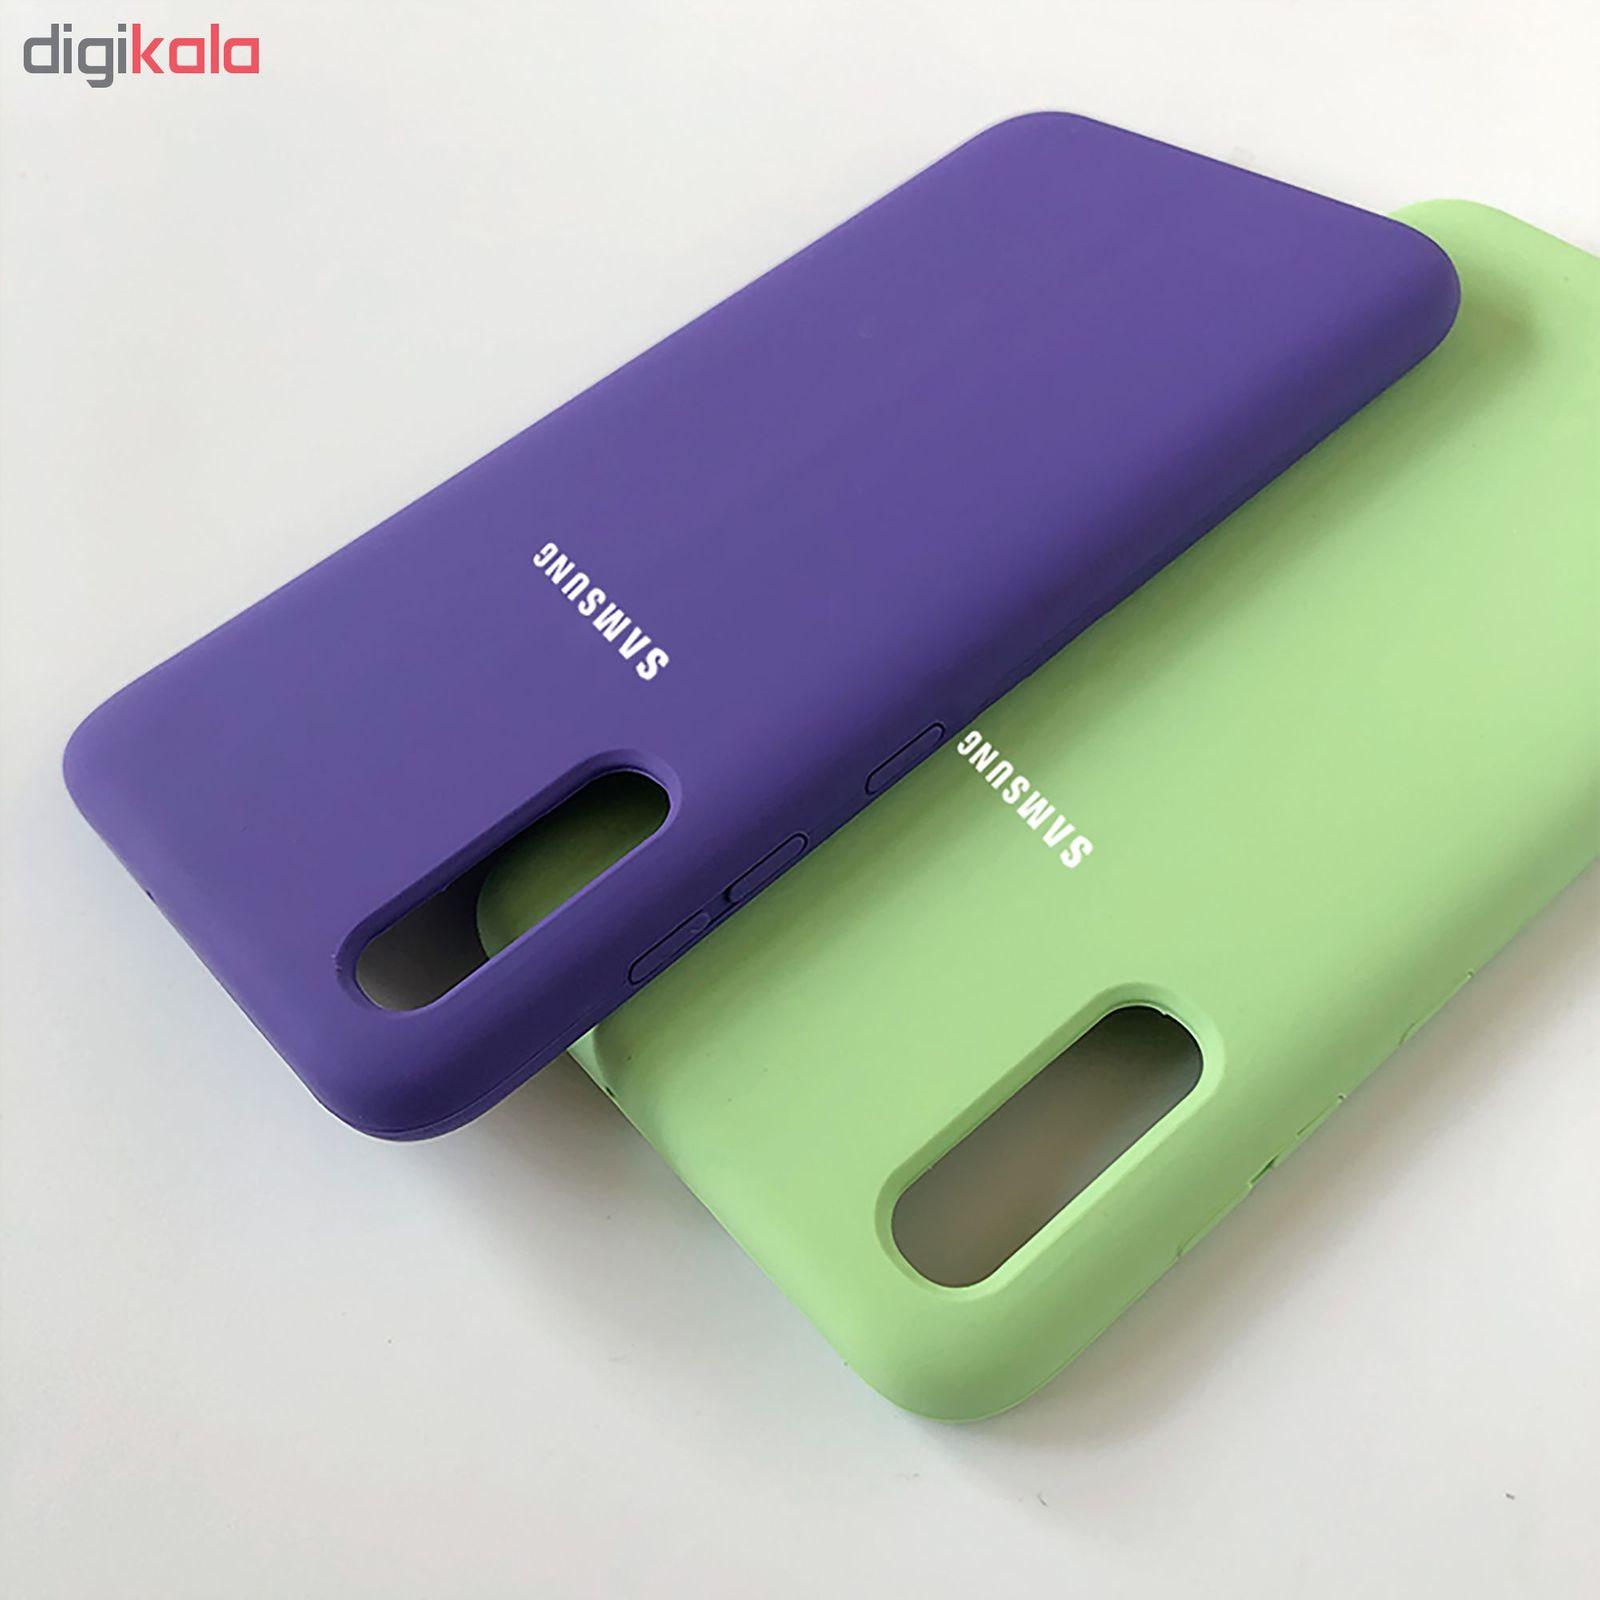 کاور مدل Silc مناسب برای گوشی موبایل سامسونگ Galaxy A50 main 1 18